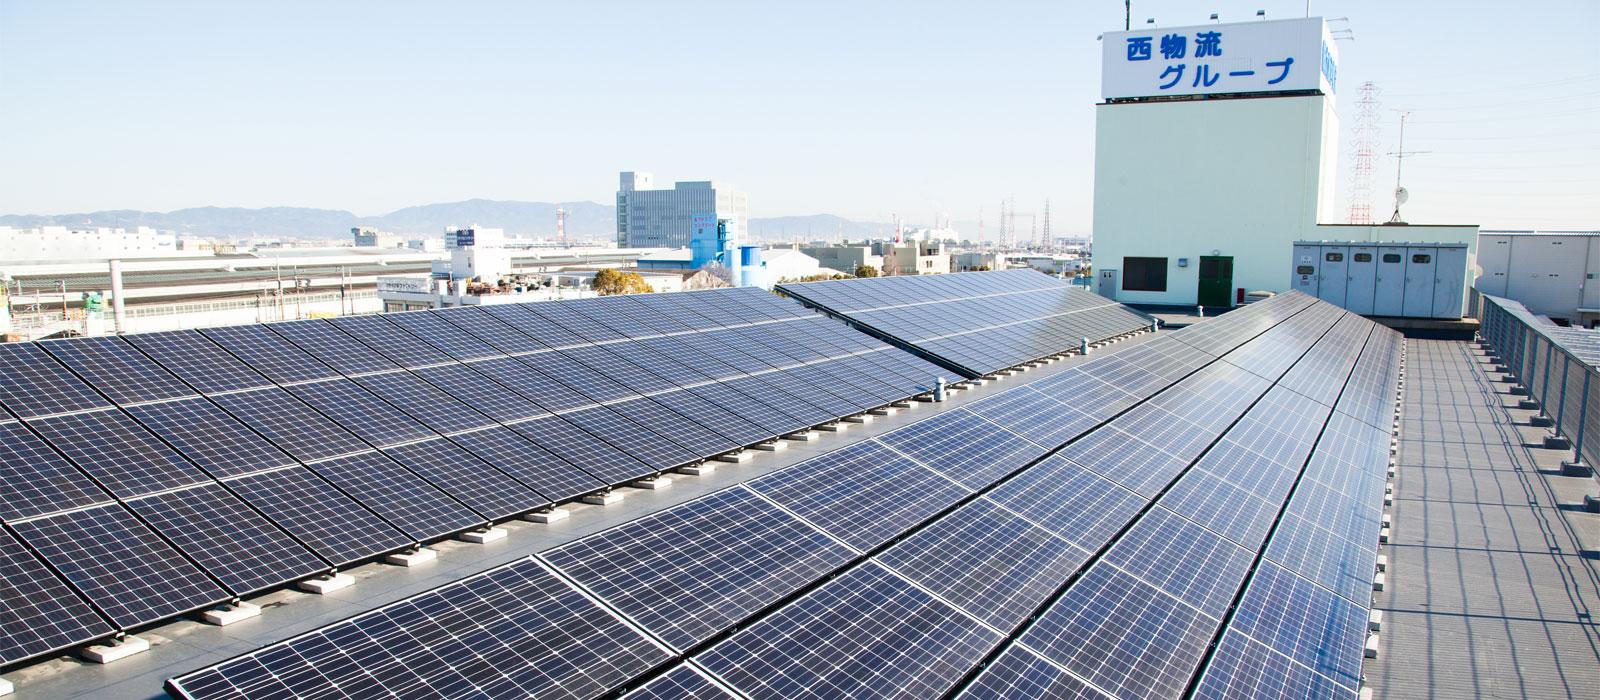 本社屋上に大型ソーラーパネルを設置